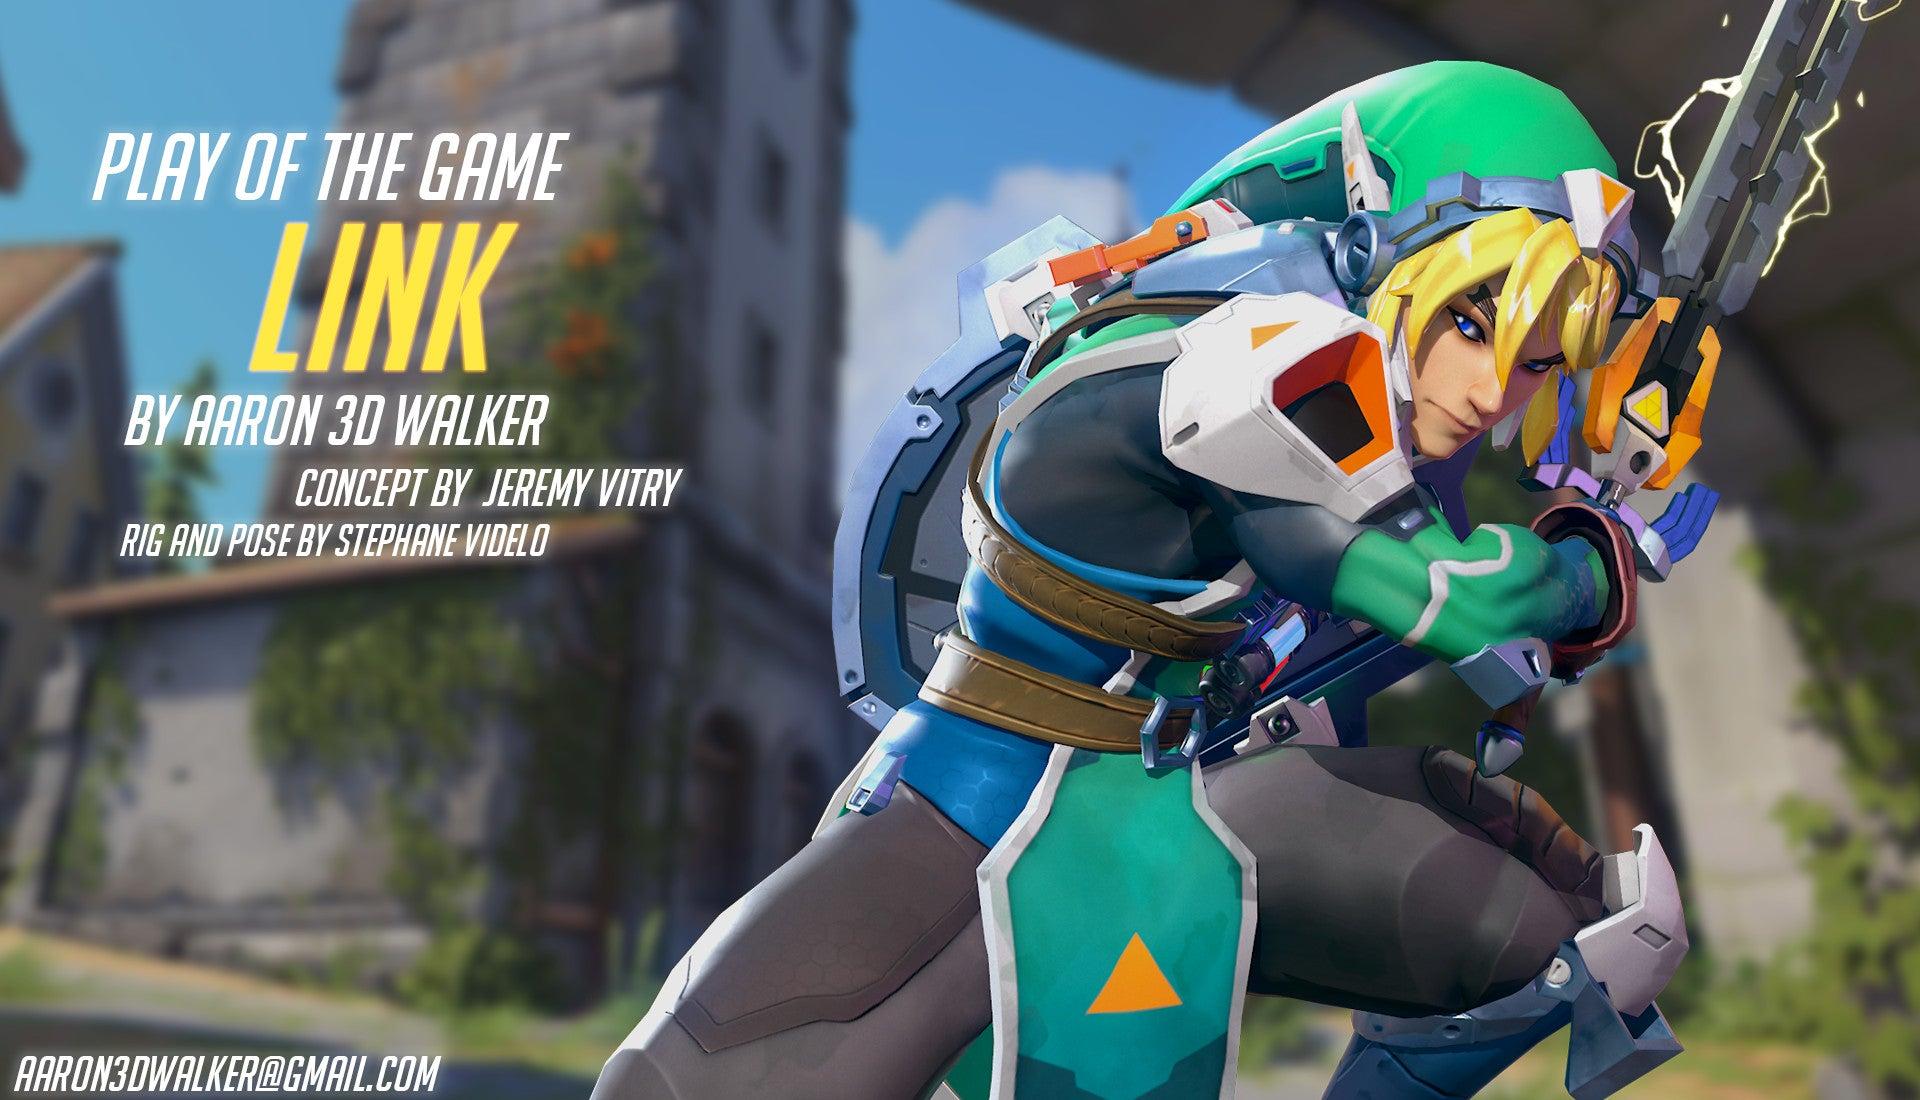 Zelda Vs Overwatch